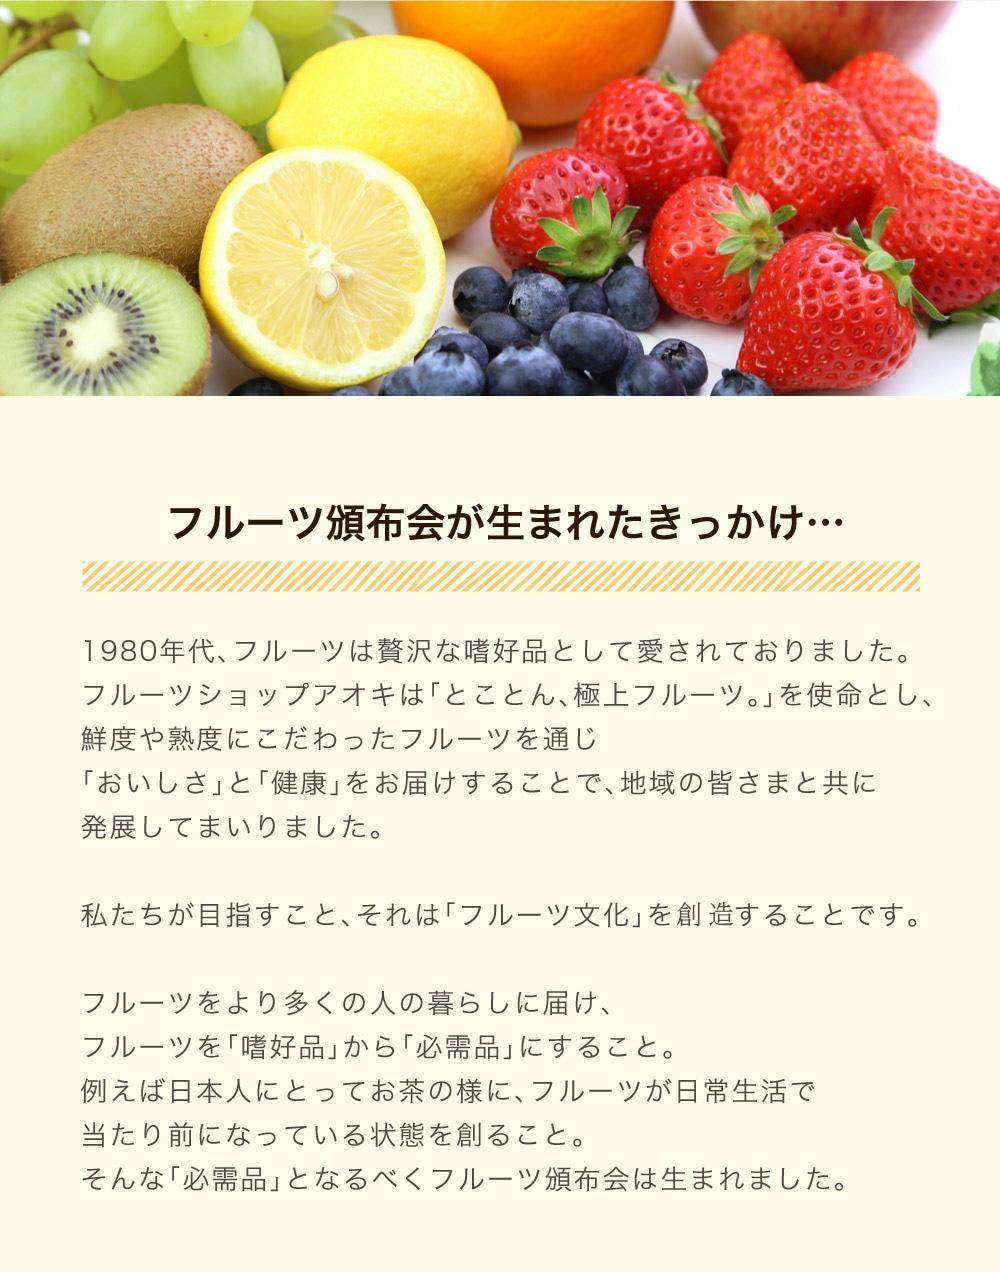 フルーツ頒布会とは、フルーツショップ青木のフルーツをより多くの人の暮らしに届け、フルーツを嗜好品から必需品にするために生まれました。